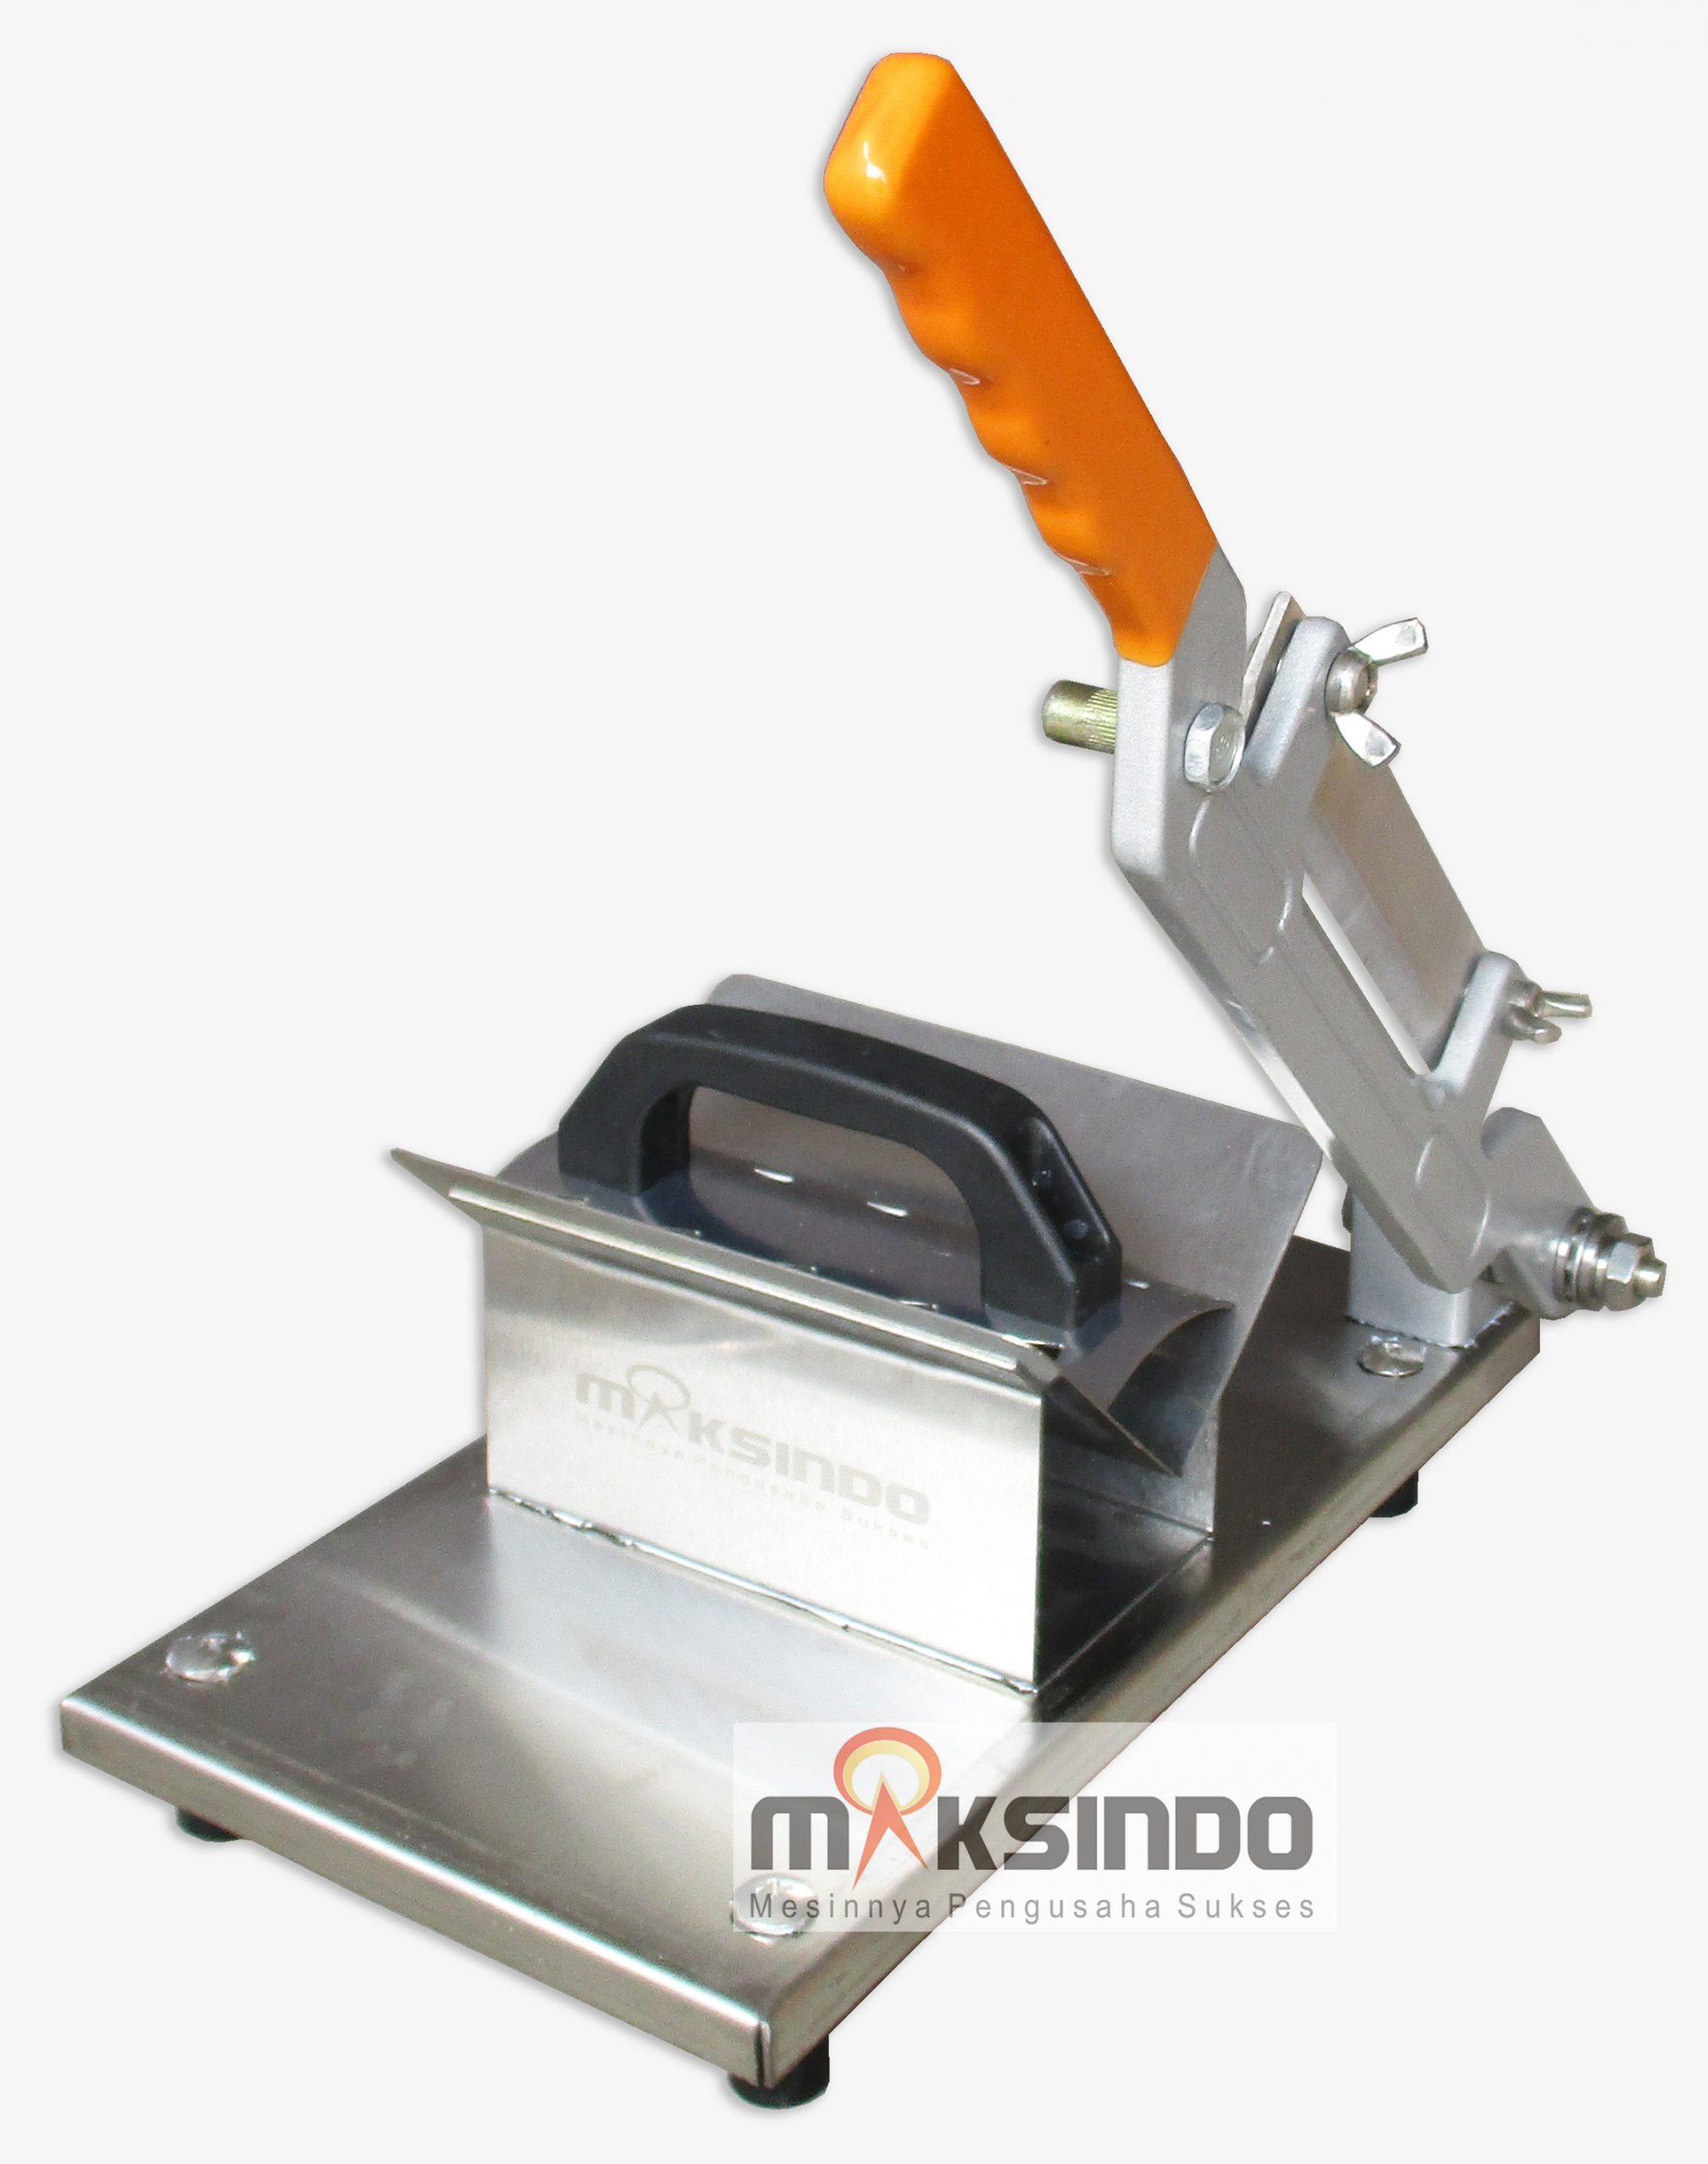 Jual Alat Perajang Manual Stainless Serbaguna di Palembang